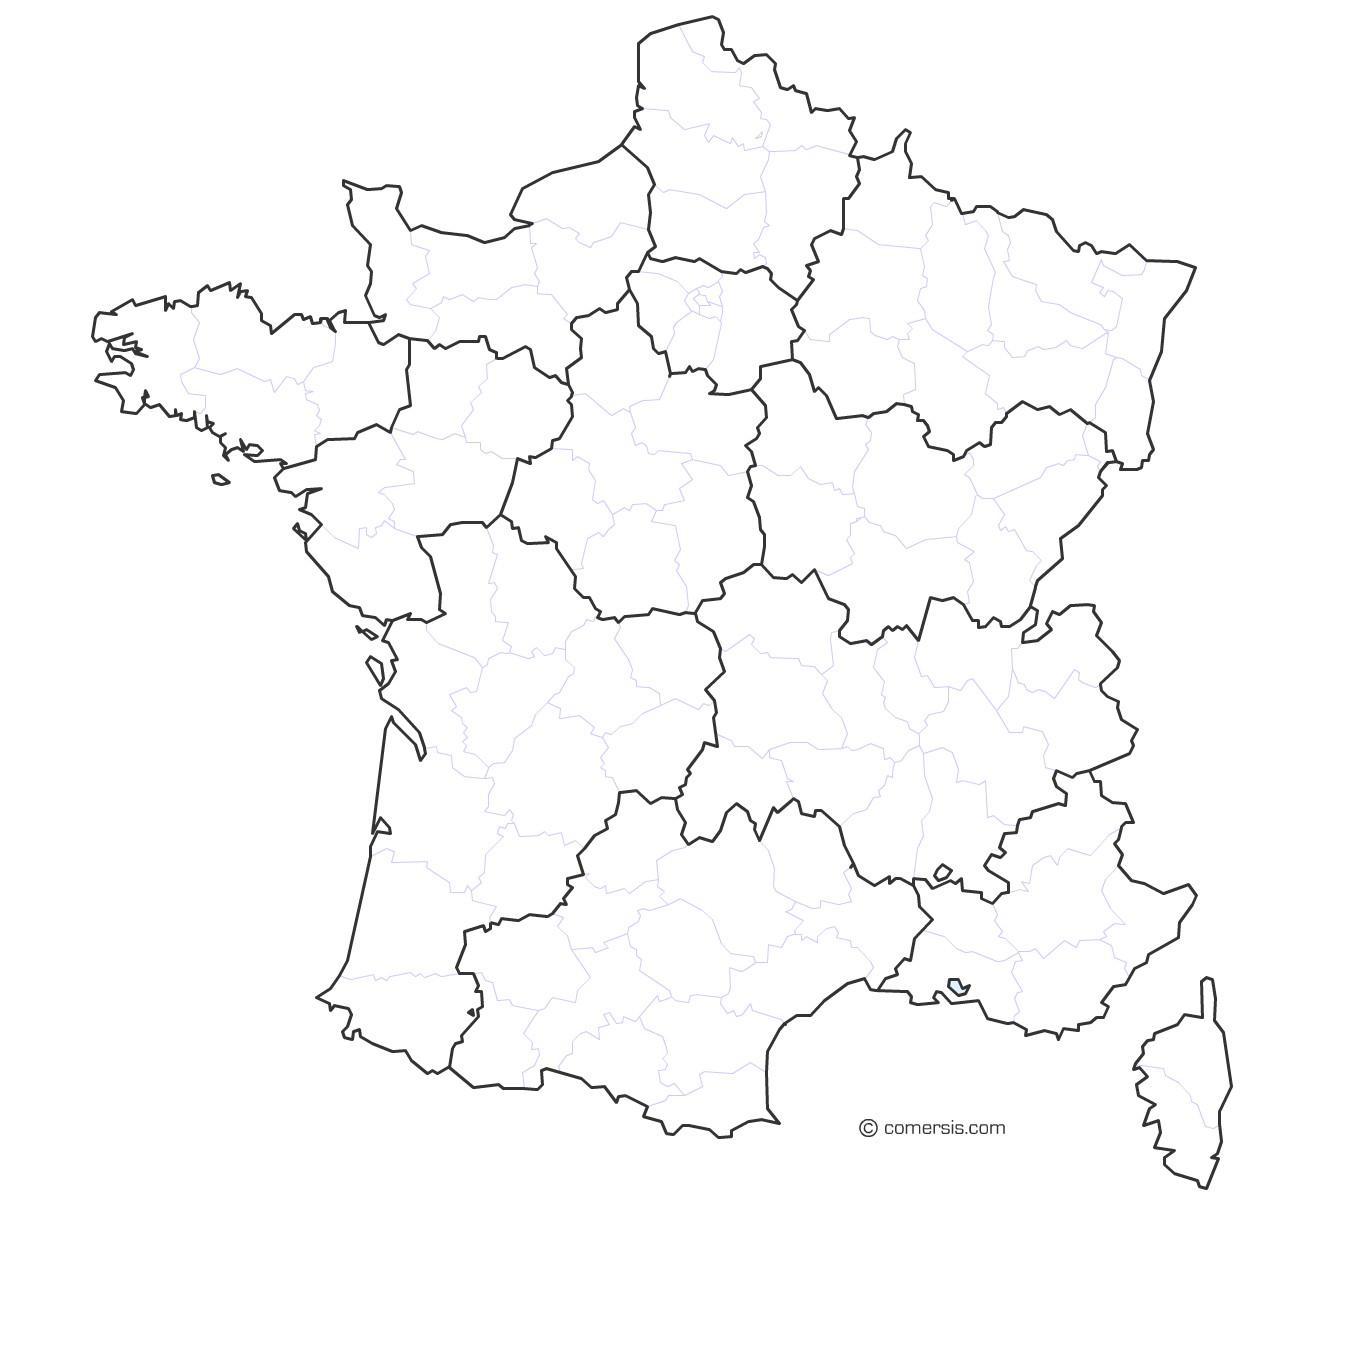 Cartes Vectorielles France encequiconcerne Carte France Avec Region